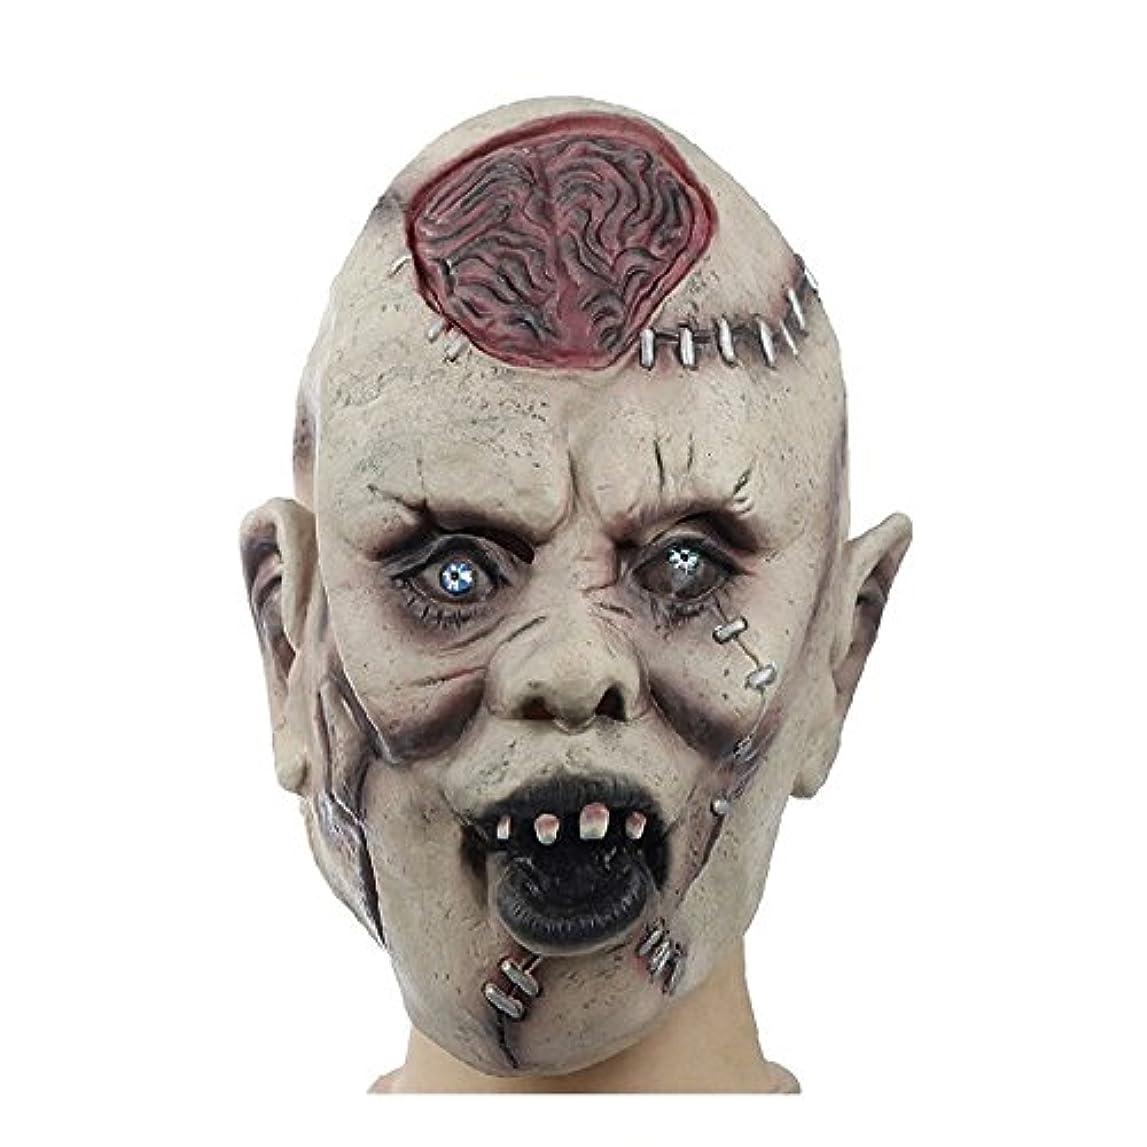 戸棚オレンジ効果ハロウィーンラテックスマスク、ホラーしかめっ面マスク、ラテックスヘッドギア、ブレインマスク